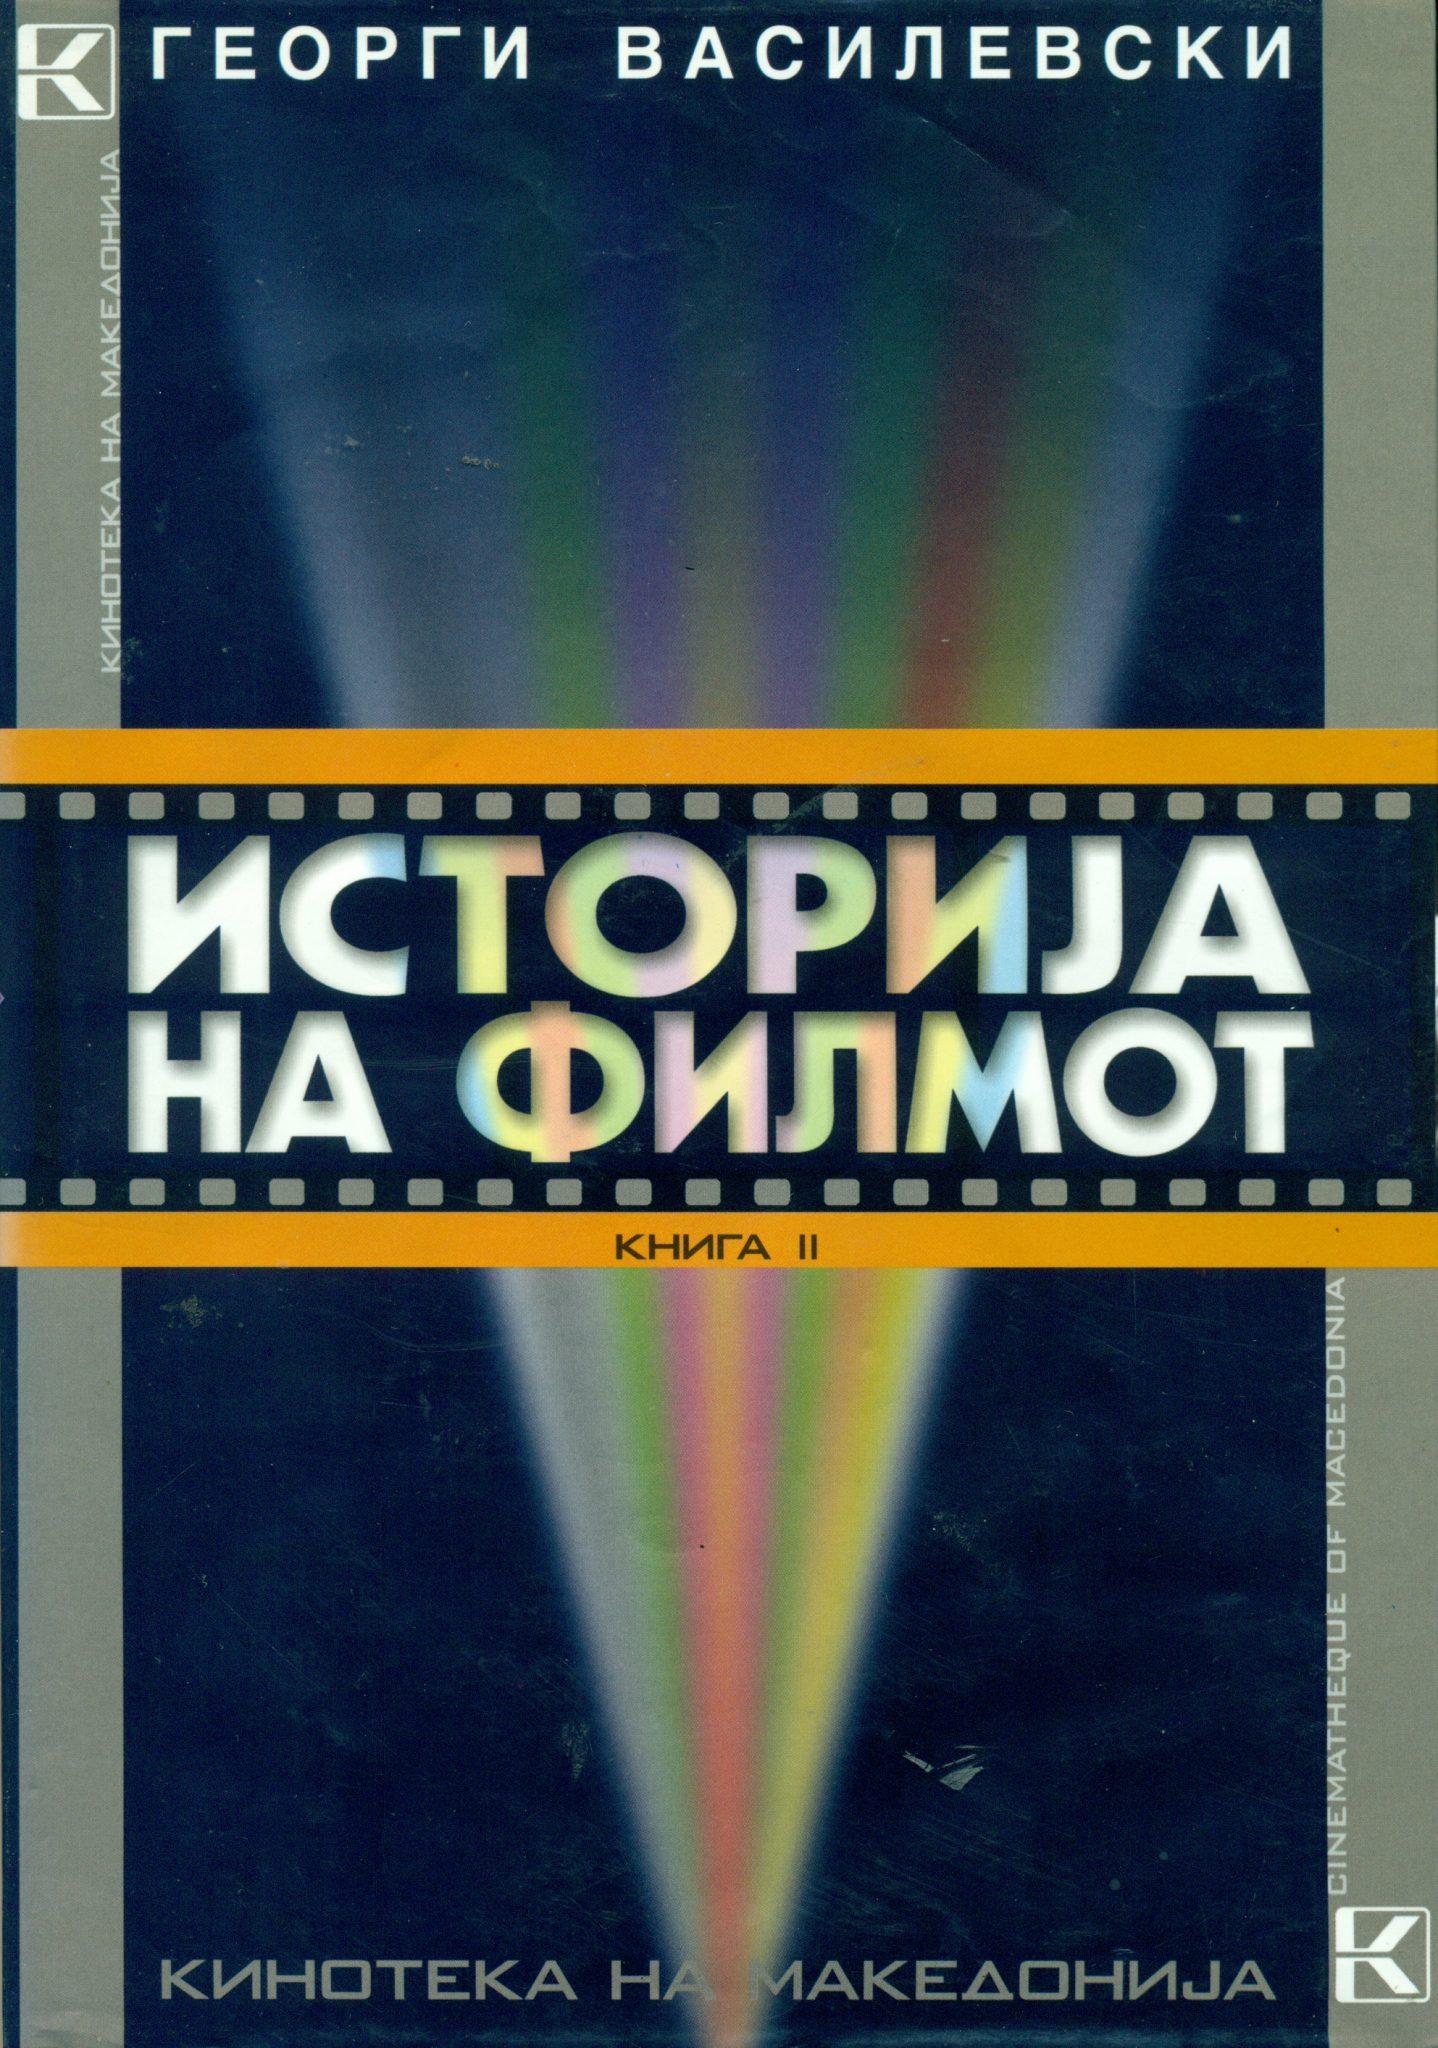 Историја на филмот, книга II – Звучниот филм (1927-1945)